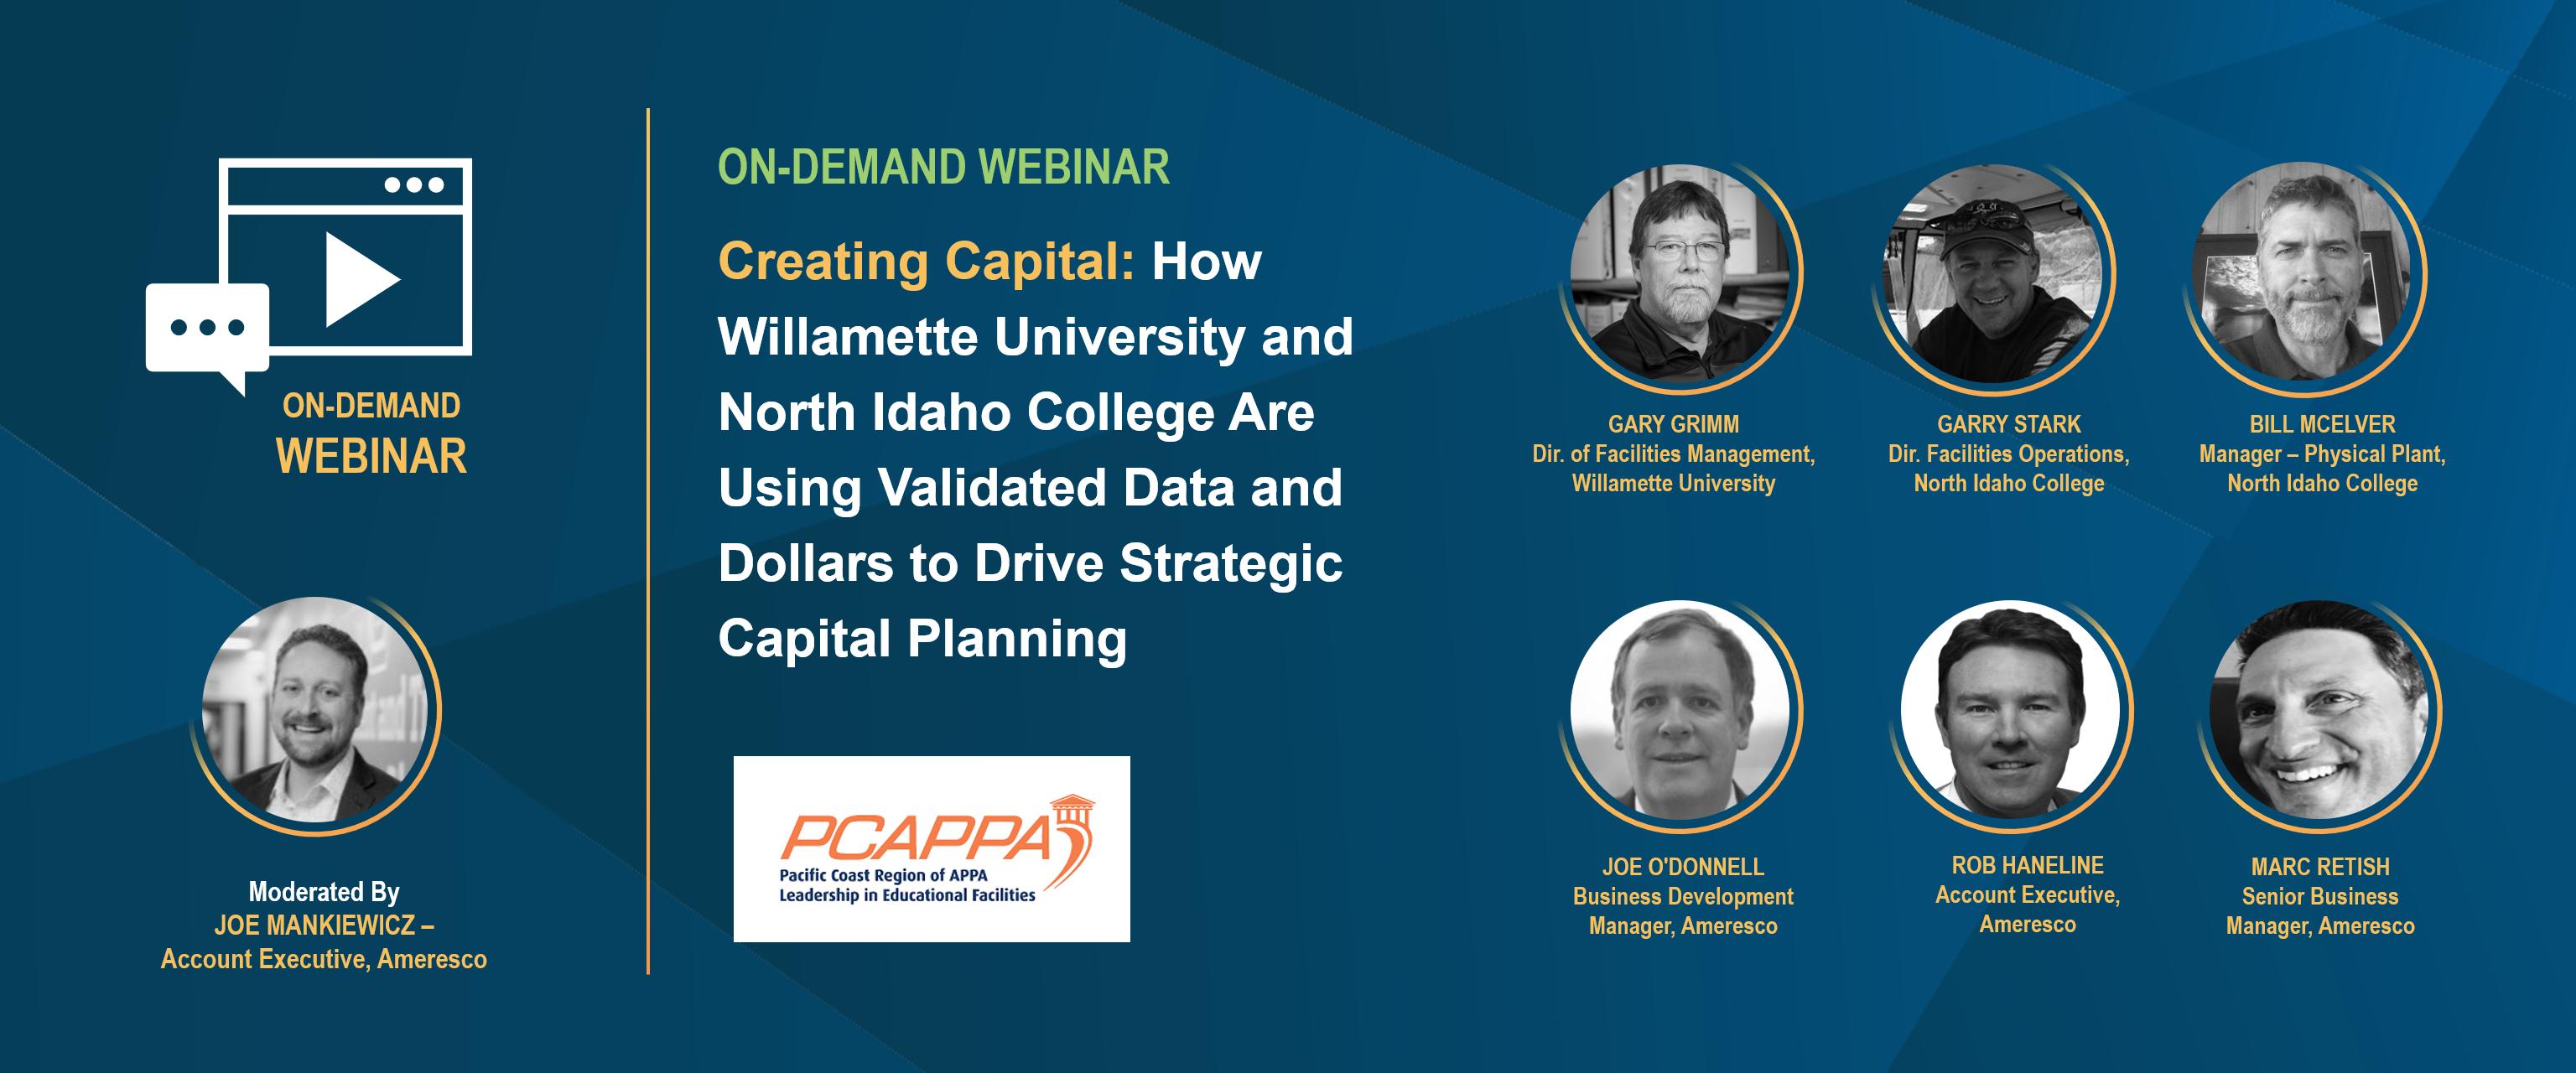 PCAPPA - Full Promo Webinar LP FINAL - Creating Capital